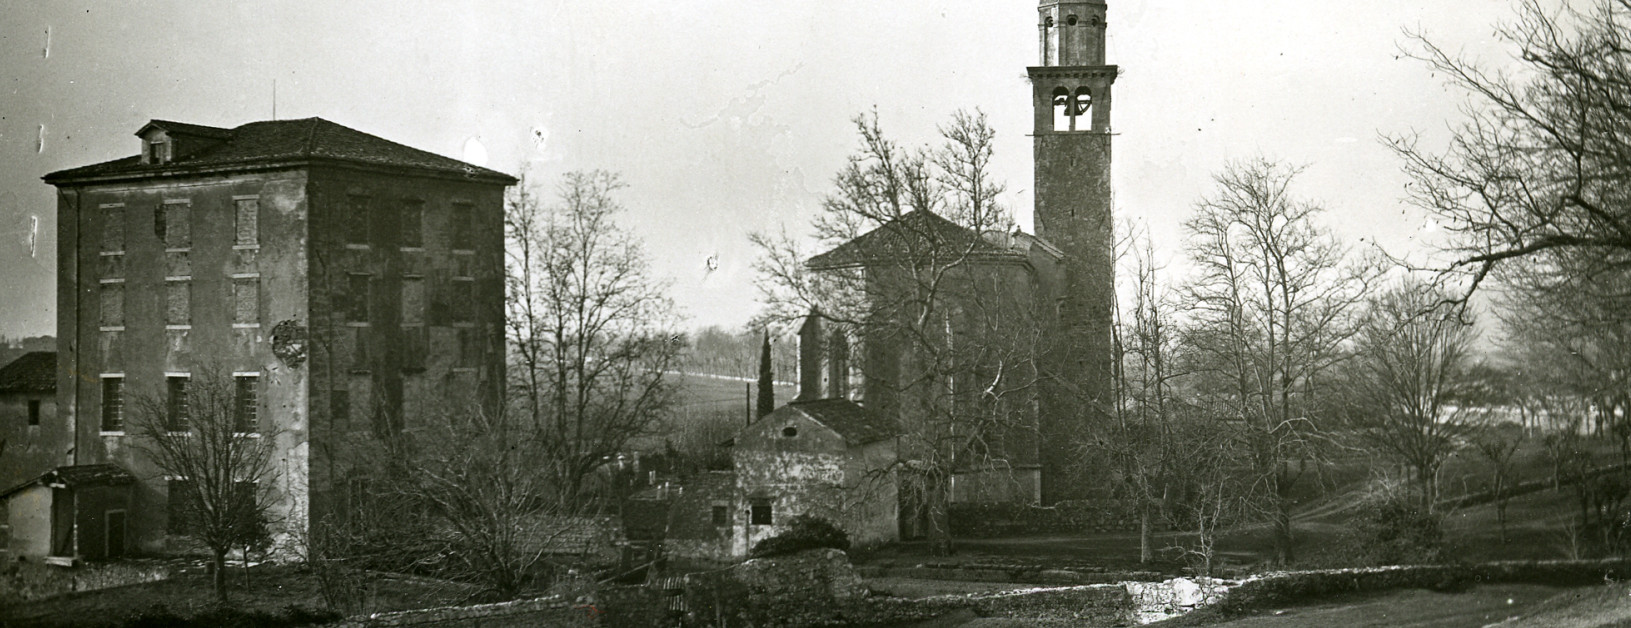 chiesa-di-S.-GIovanni-e-mulino-americano